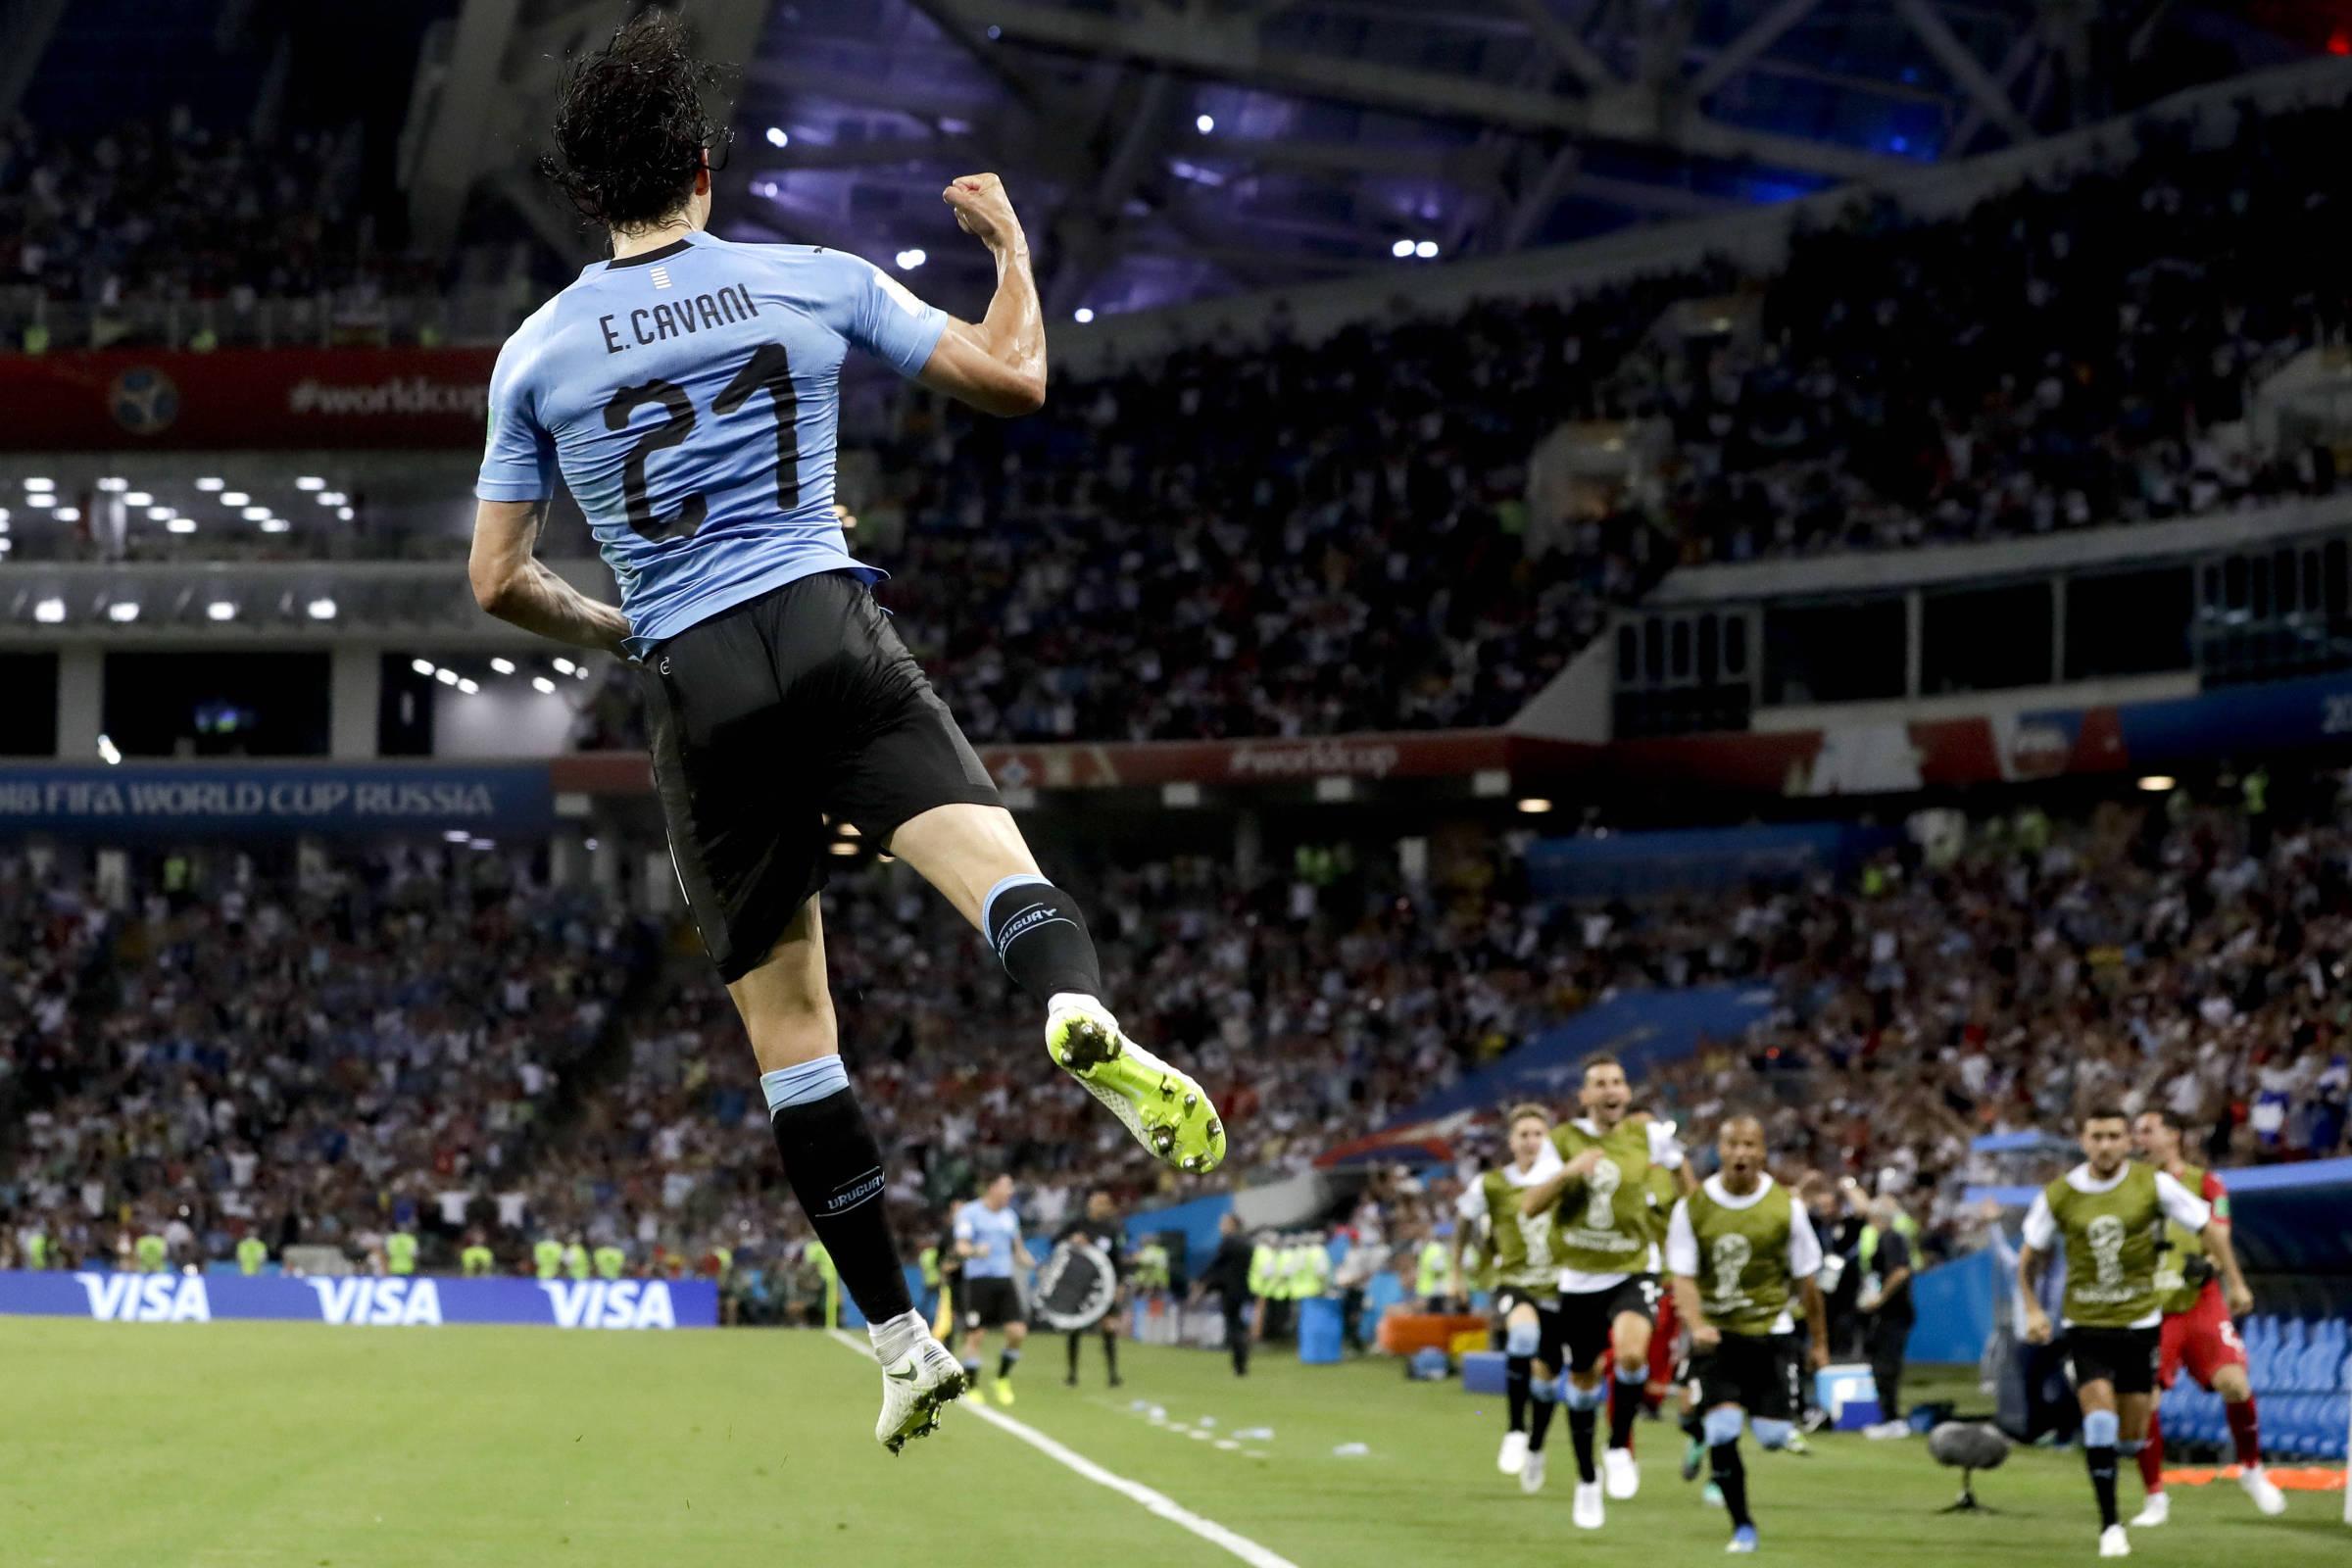 Jovens uruguaios vivem chance de vingança contra França após final sub-20 -  05 07 2018 - Esporte - Folha c099e2e846e04